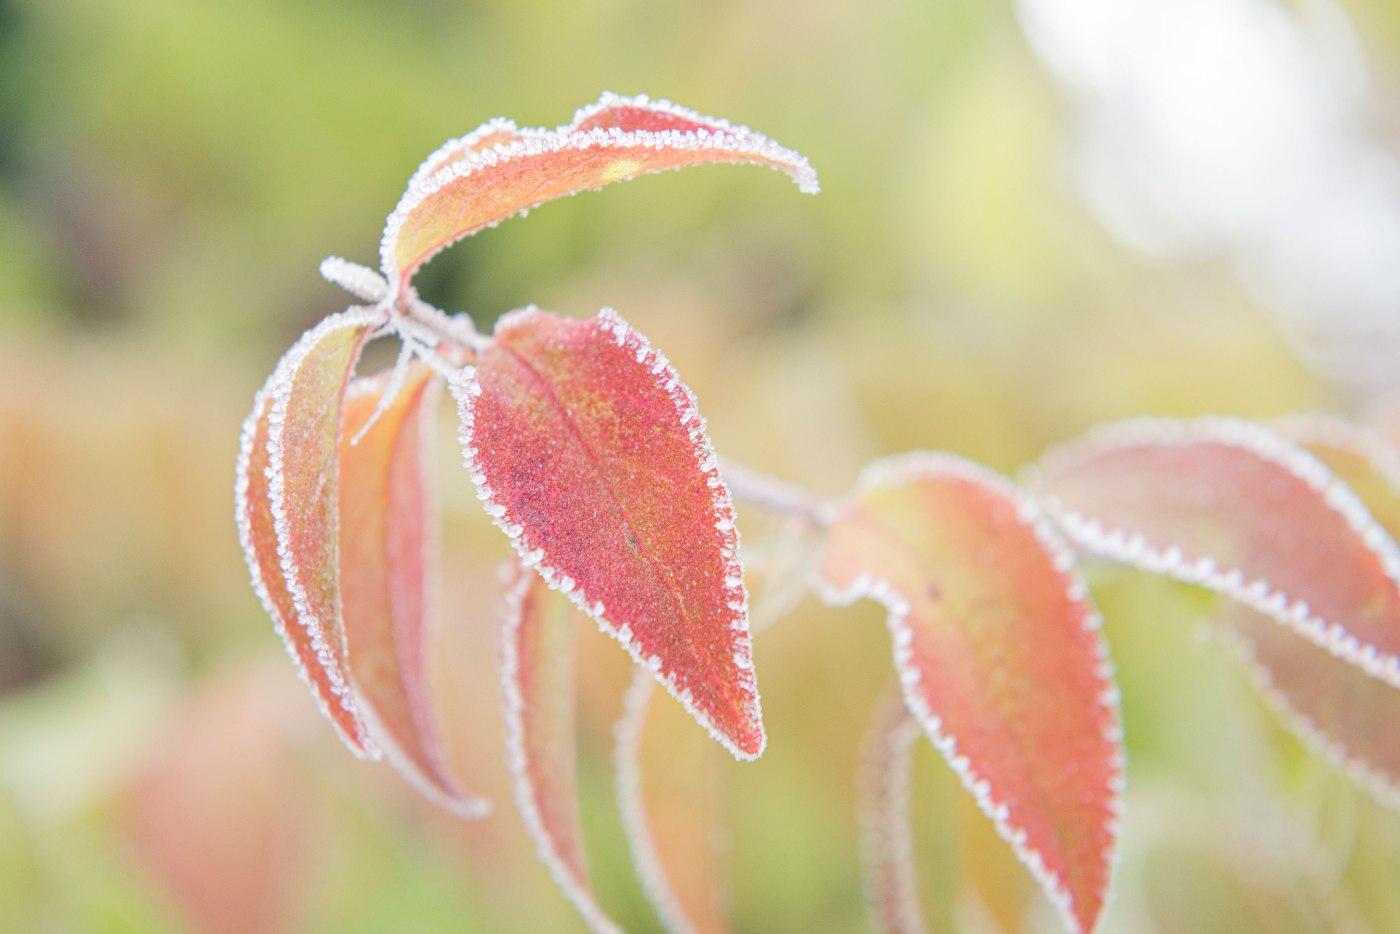 Photographie en gros plan de feuilles colorées dont les bords sont gelés.